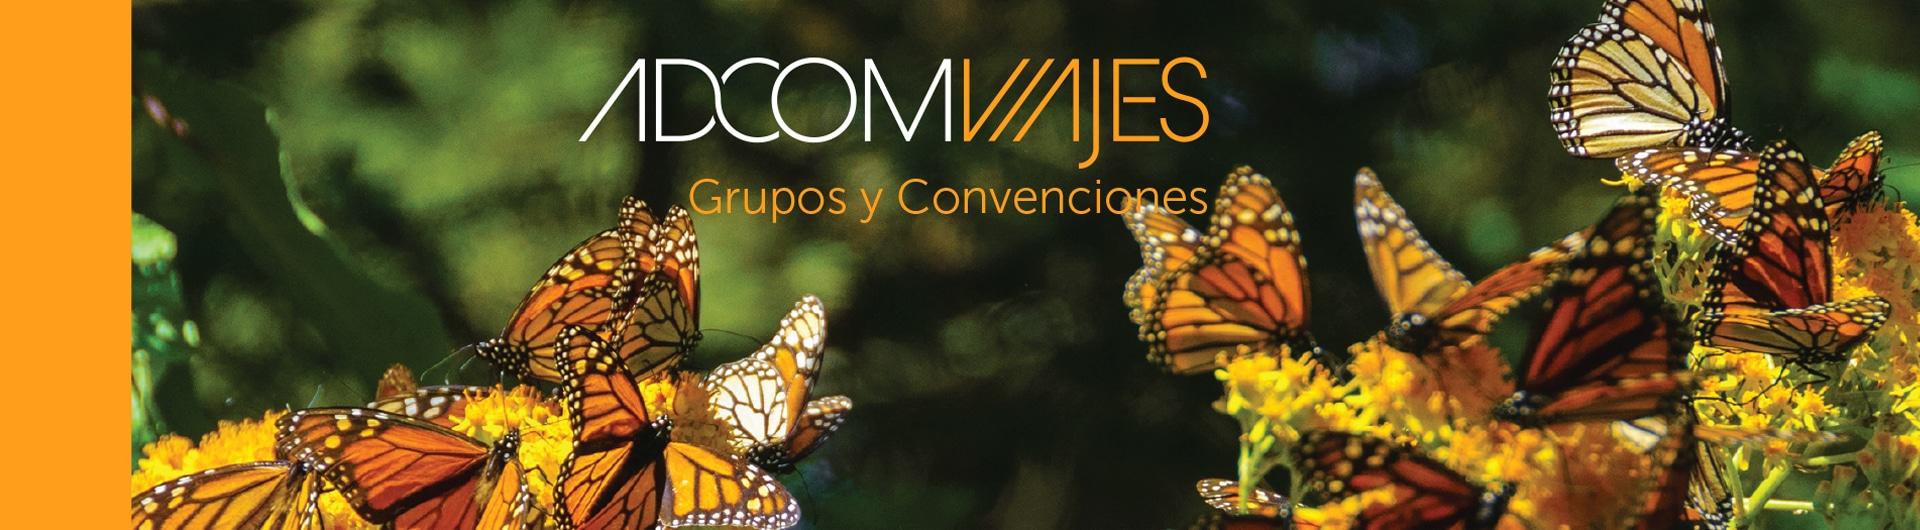 Adcom Viajes Diseño Grupos y Convenciones